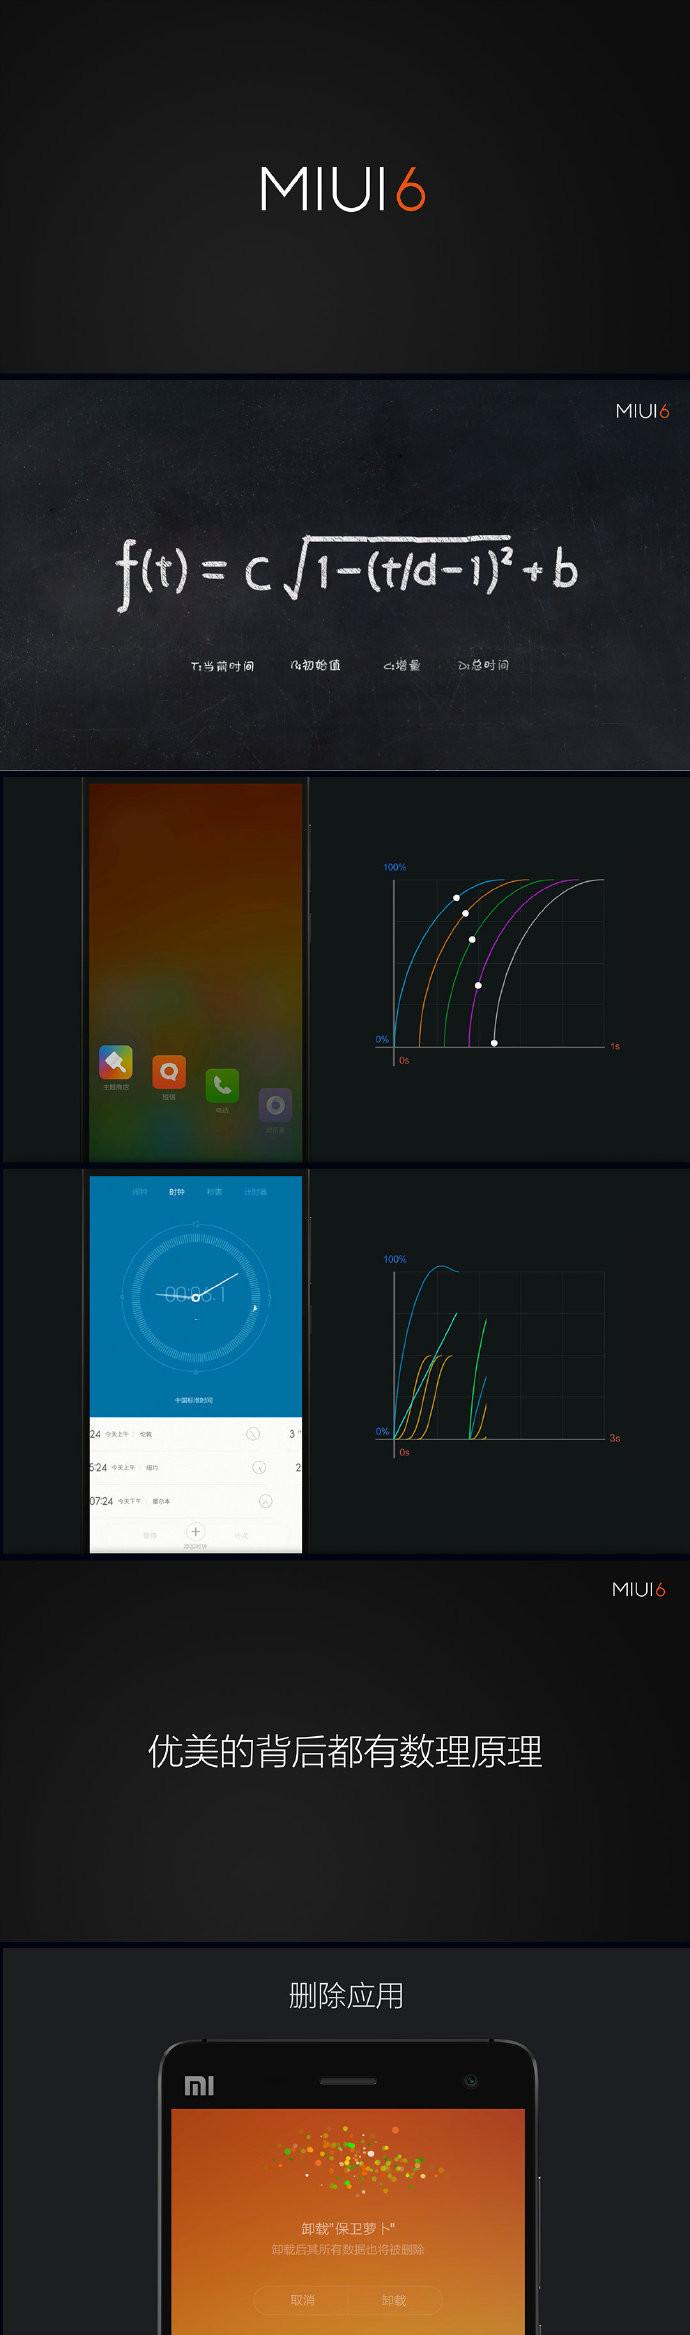 9月16日,小米手机官宣将于9月24日发布小米9 Pro 5G和小米MIX 5G时代概念机,一同亮相的还有全新的MIUI 11操作系统。凭借全新的UI设计、全新的交互逻辑以及去广告设计,MIUI发布前就已经备受期待。现在,MIUI体验总负责人@MIUI小凡为用户做了一期科普,透露了一些MIUI 11的动画效果设计理念,我们不妨看看。